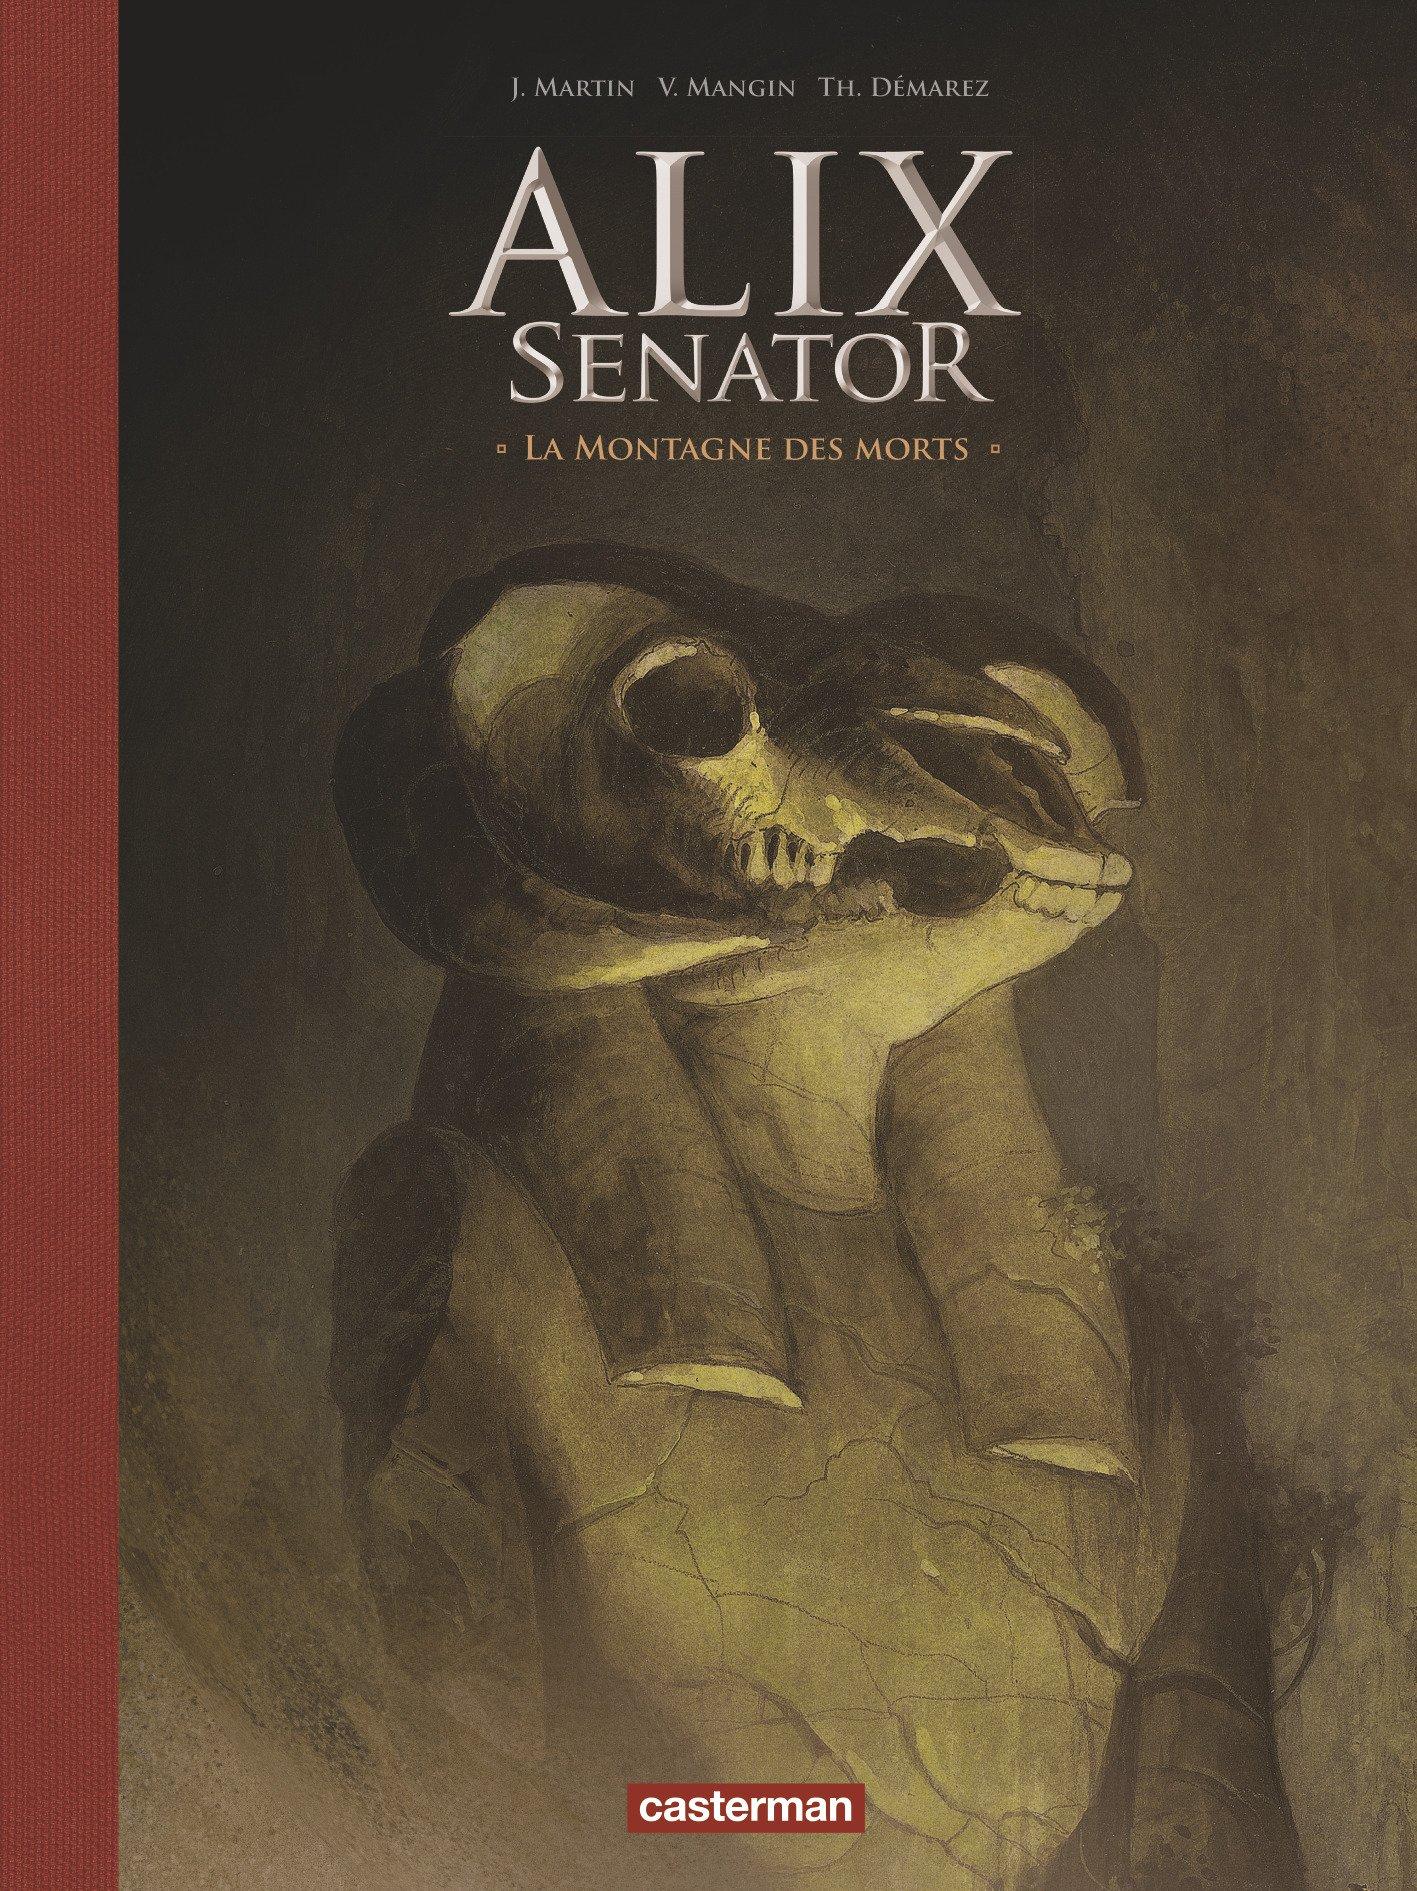 Alix senator 6 - La montagne des morts